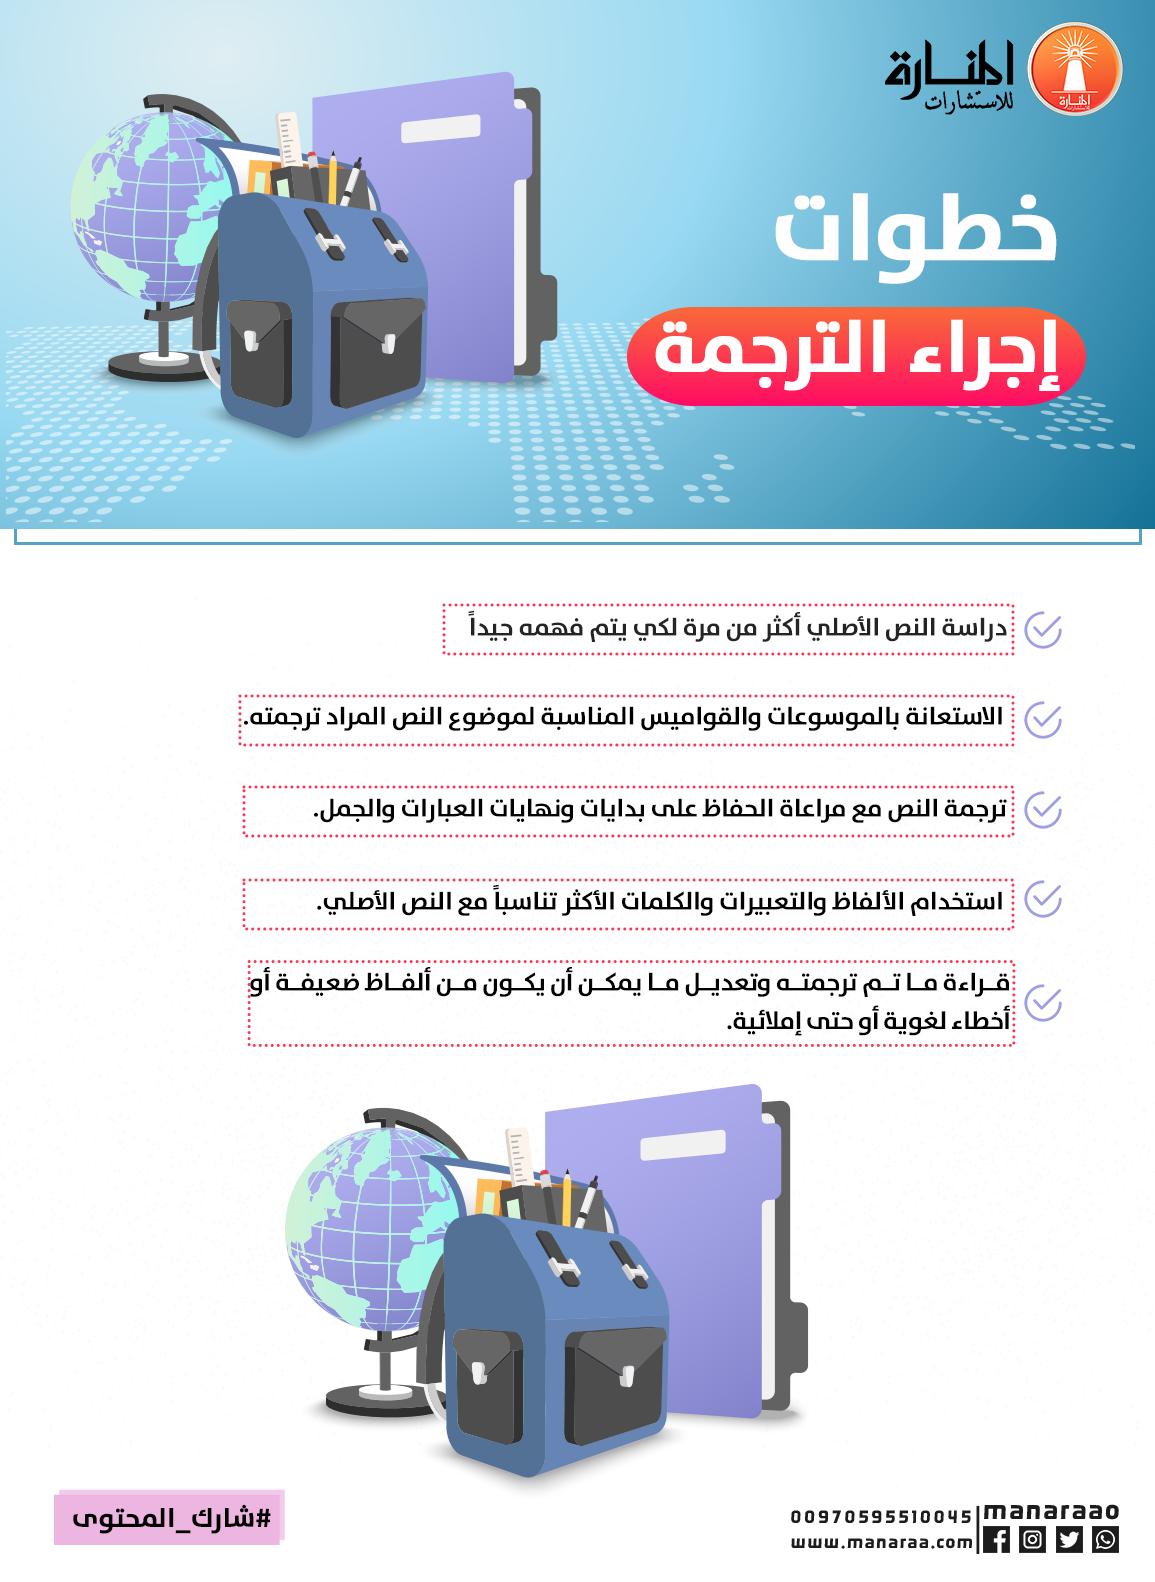 خطوات إجراء الترجمة